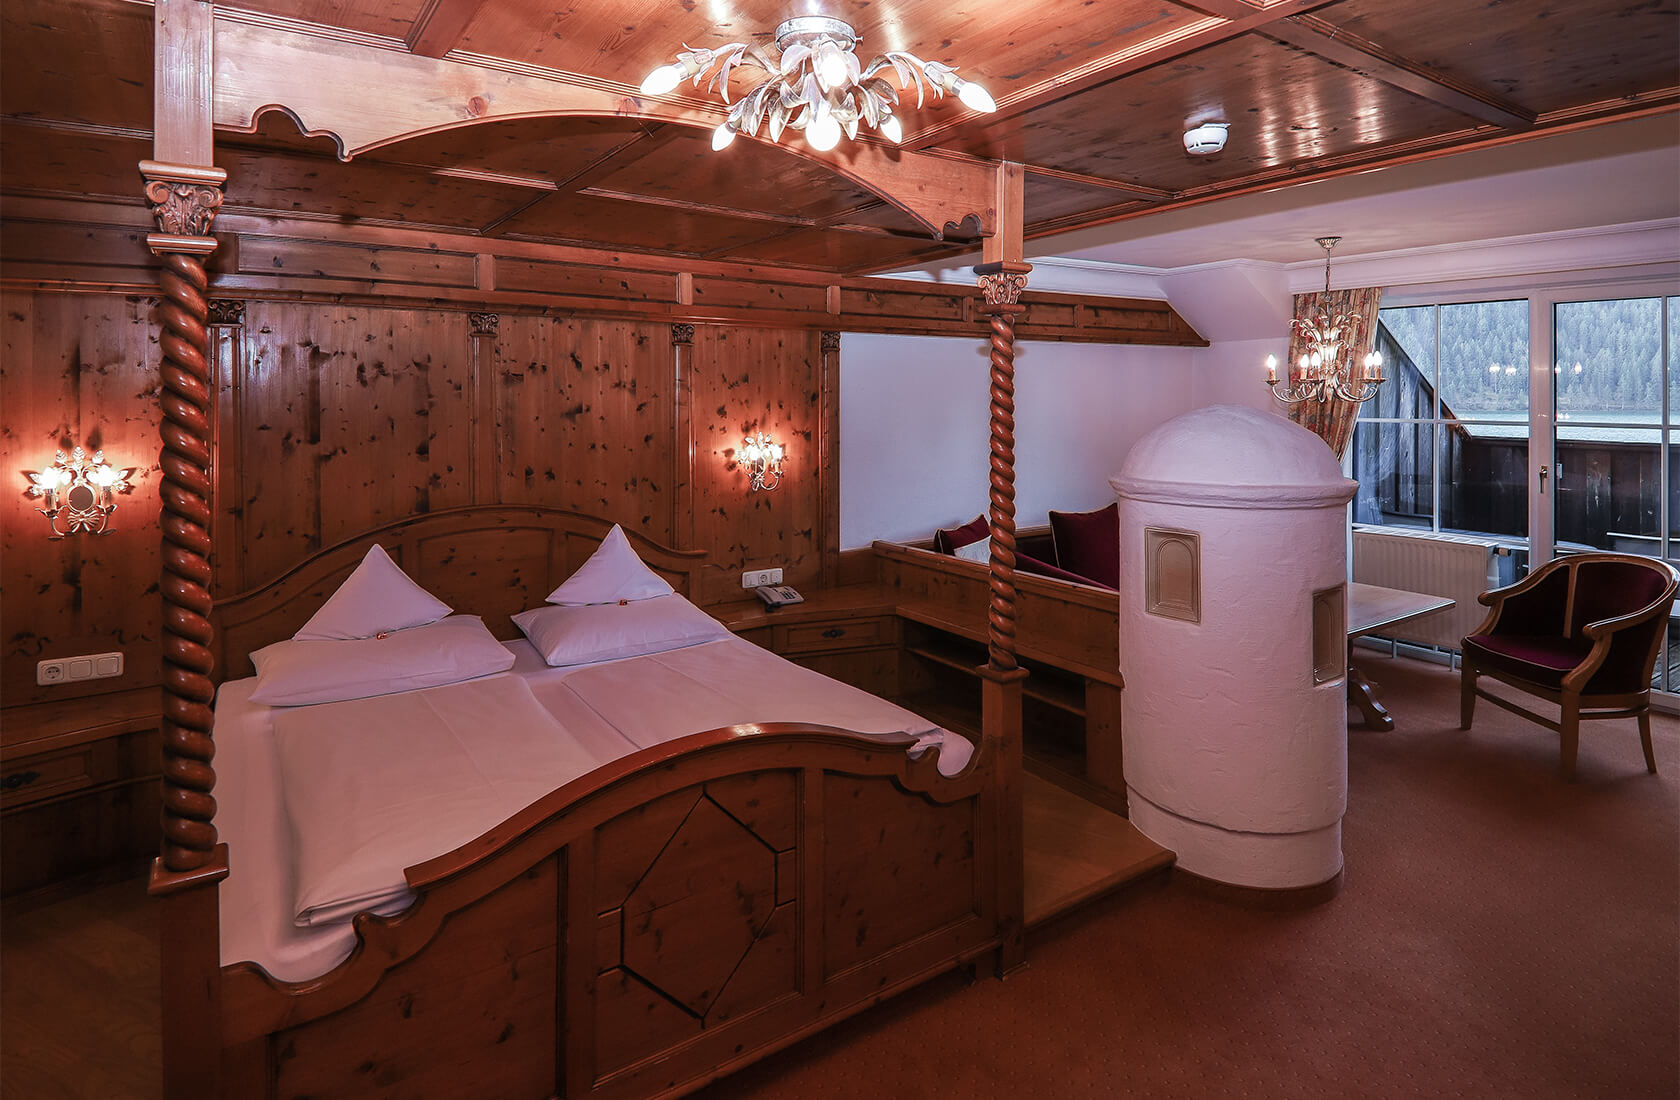 Viel Platz zum Wohlfühlen im Seeblickzimmer Loggia - Hotel Via Salina